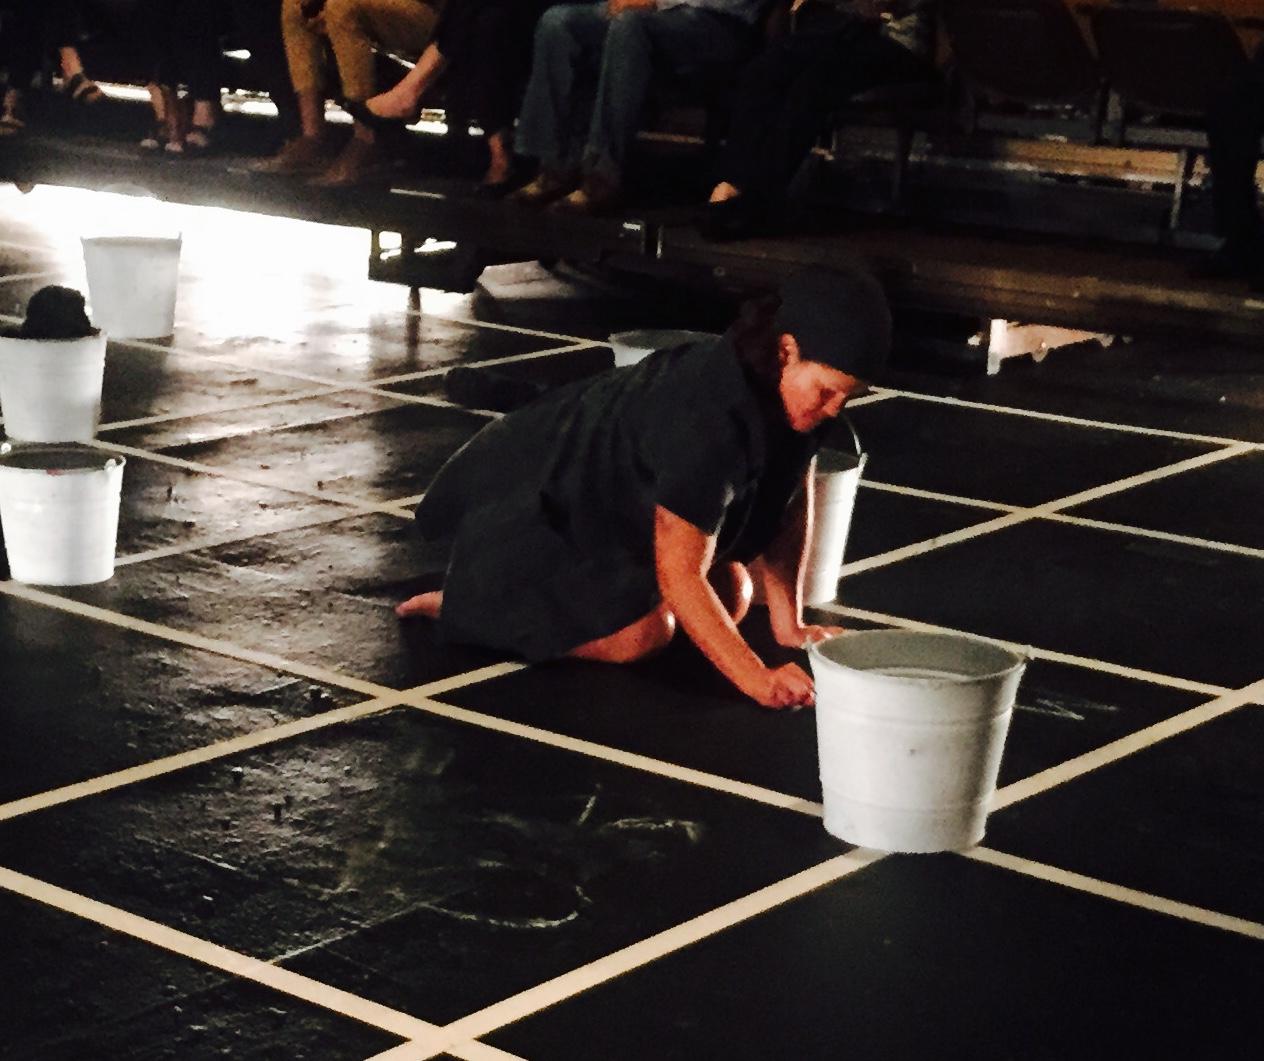 """En """"Hay motín compañeras"""", Magali Carrasquillo fue dirigida por el premiado director español Paco. (Foto Alina Marrero para Fundación Nacional para la Cultura Popular)"""